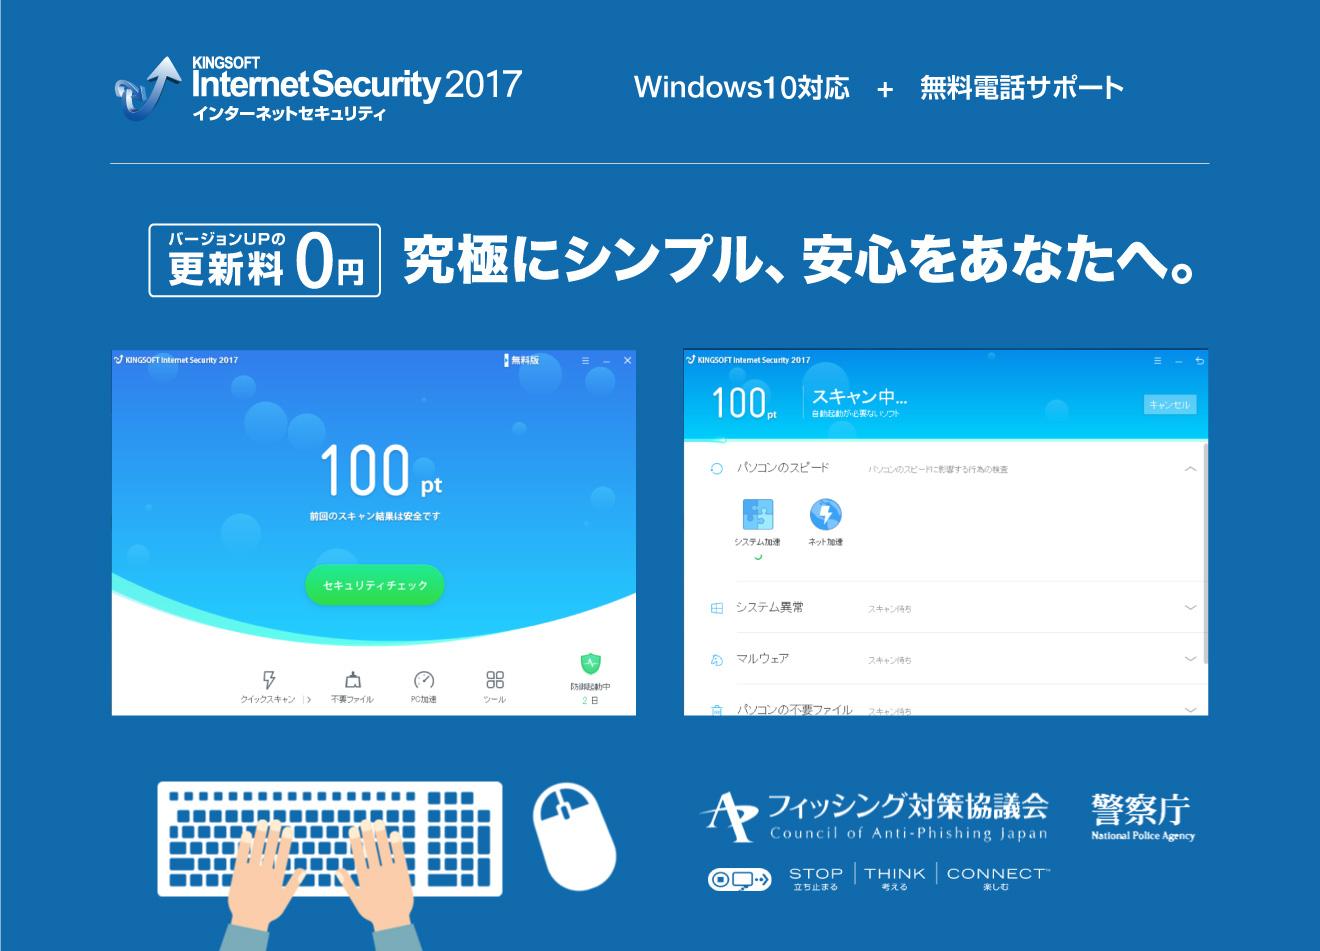 キングソフト、総合セキュリティソフト「KINGSOFT Internet Security 2017」を公開。 ~究極に